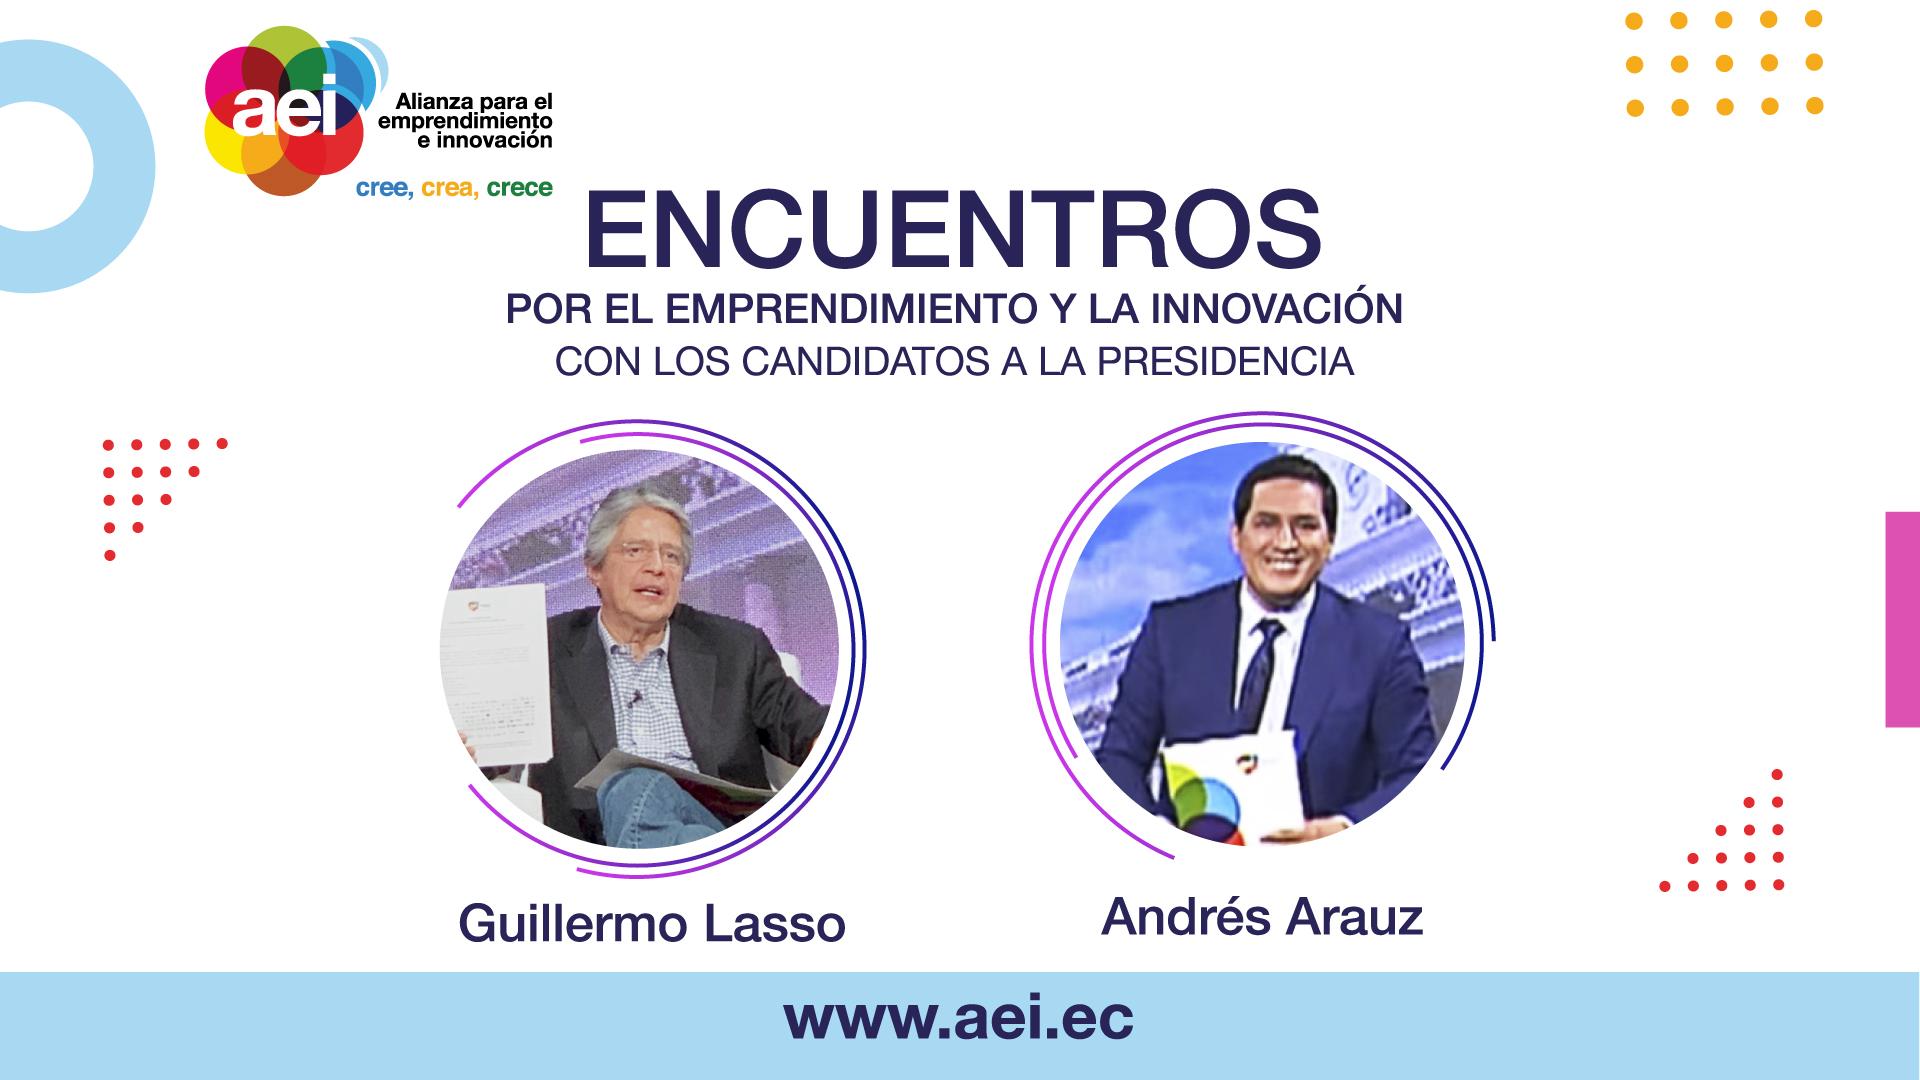 Encuentros de Emprendimiento e Innovación con los candidatos a la presidencia